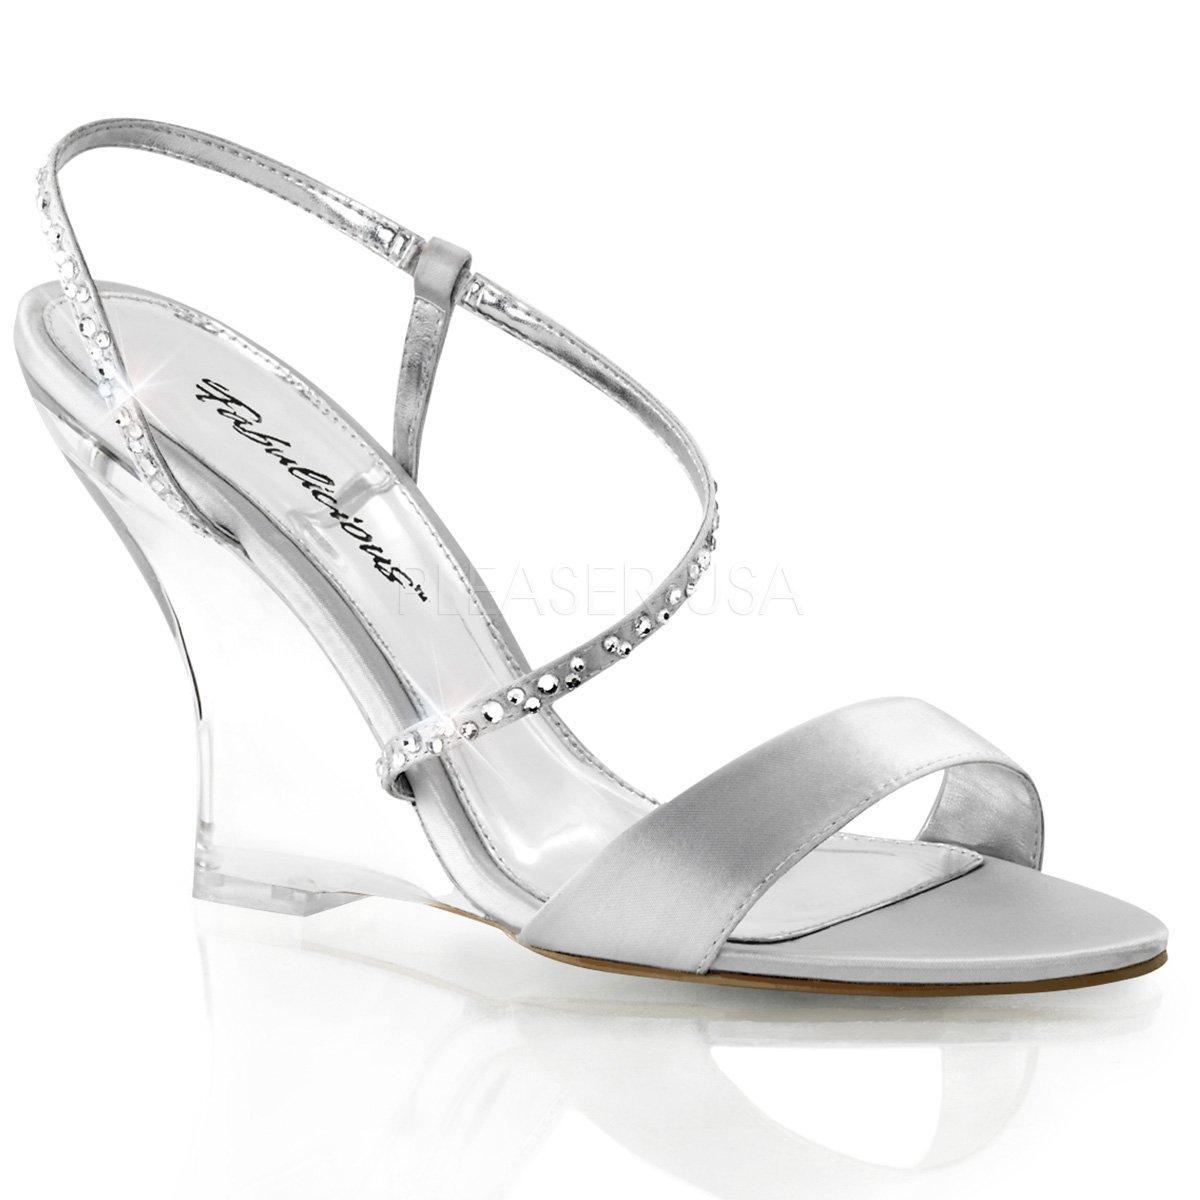 LUMINA-23 Luxusní zlaté plesové sandálky na podpatku zdobené kamínky ... fb294fbf48